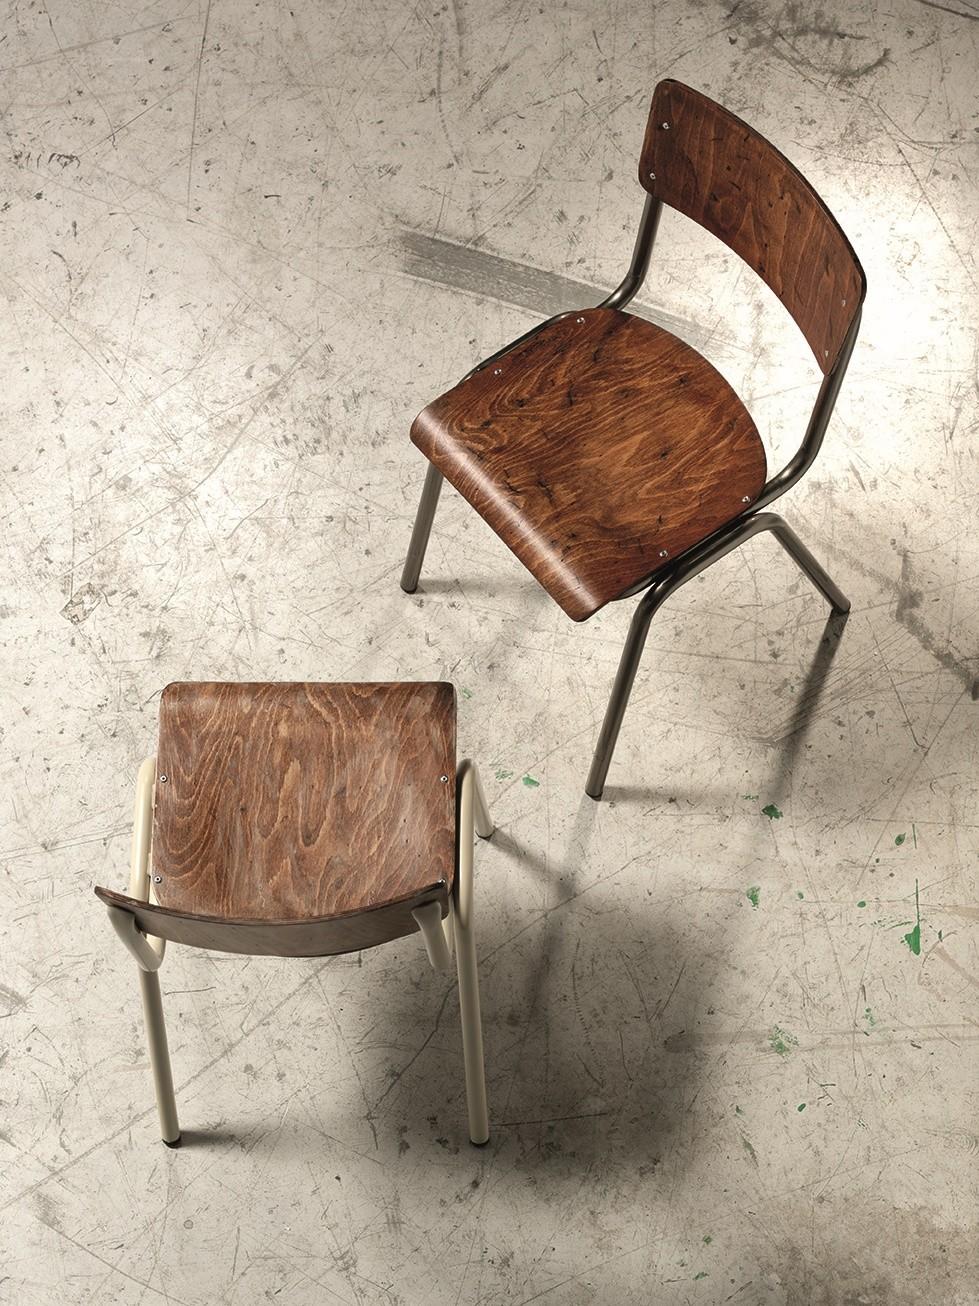 2.06.0, Silla de metal con asiento y respaldo en madera, para las iglesias